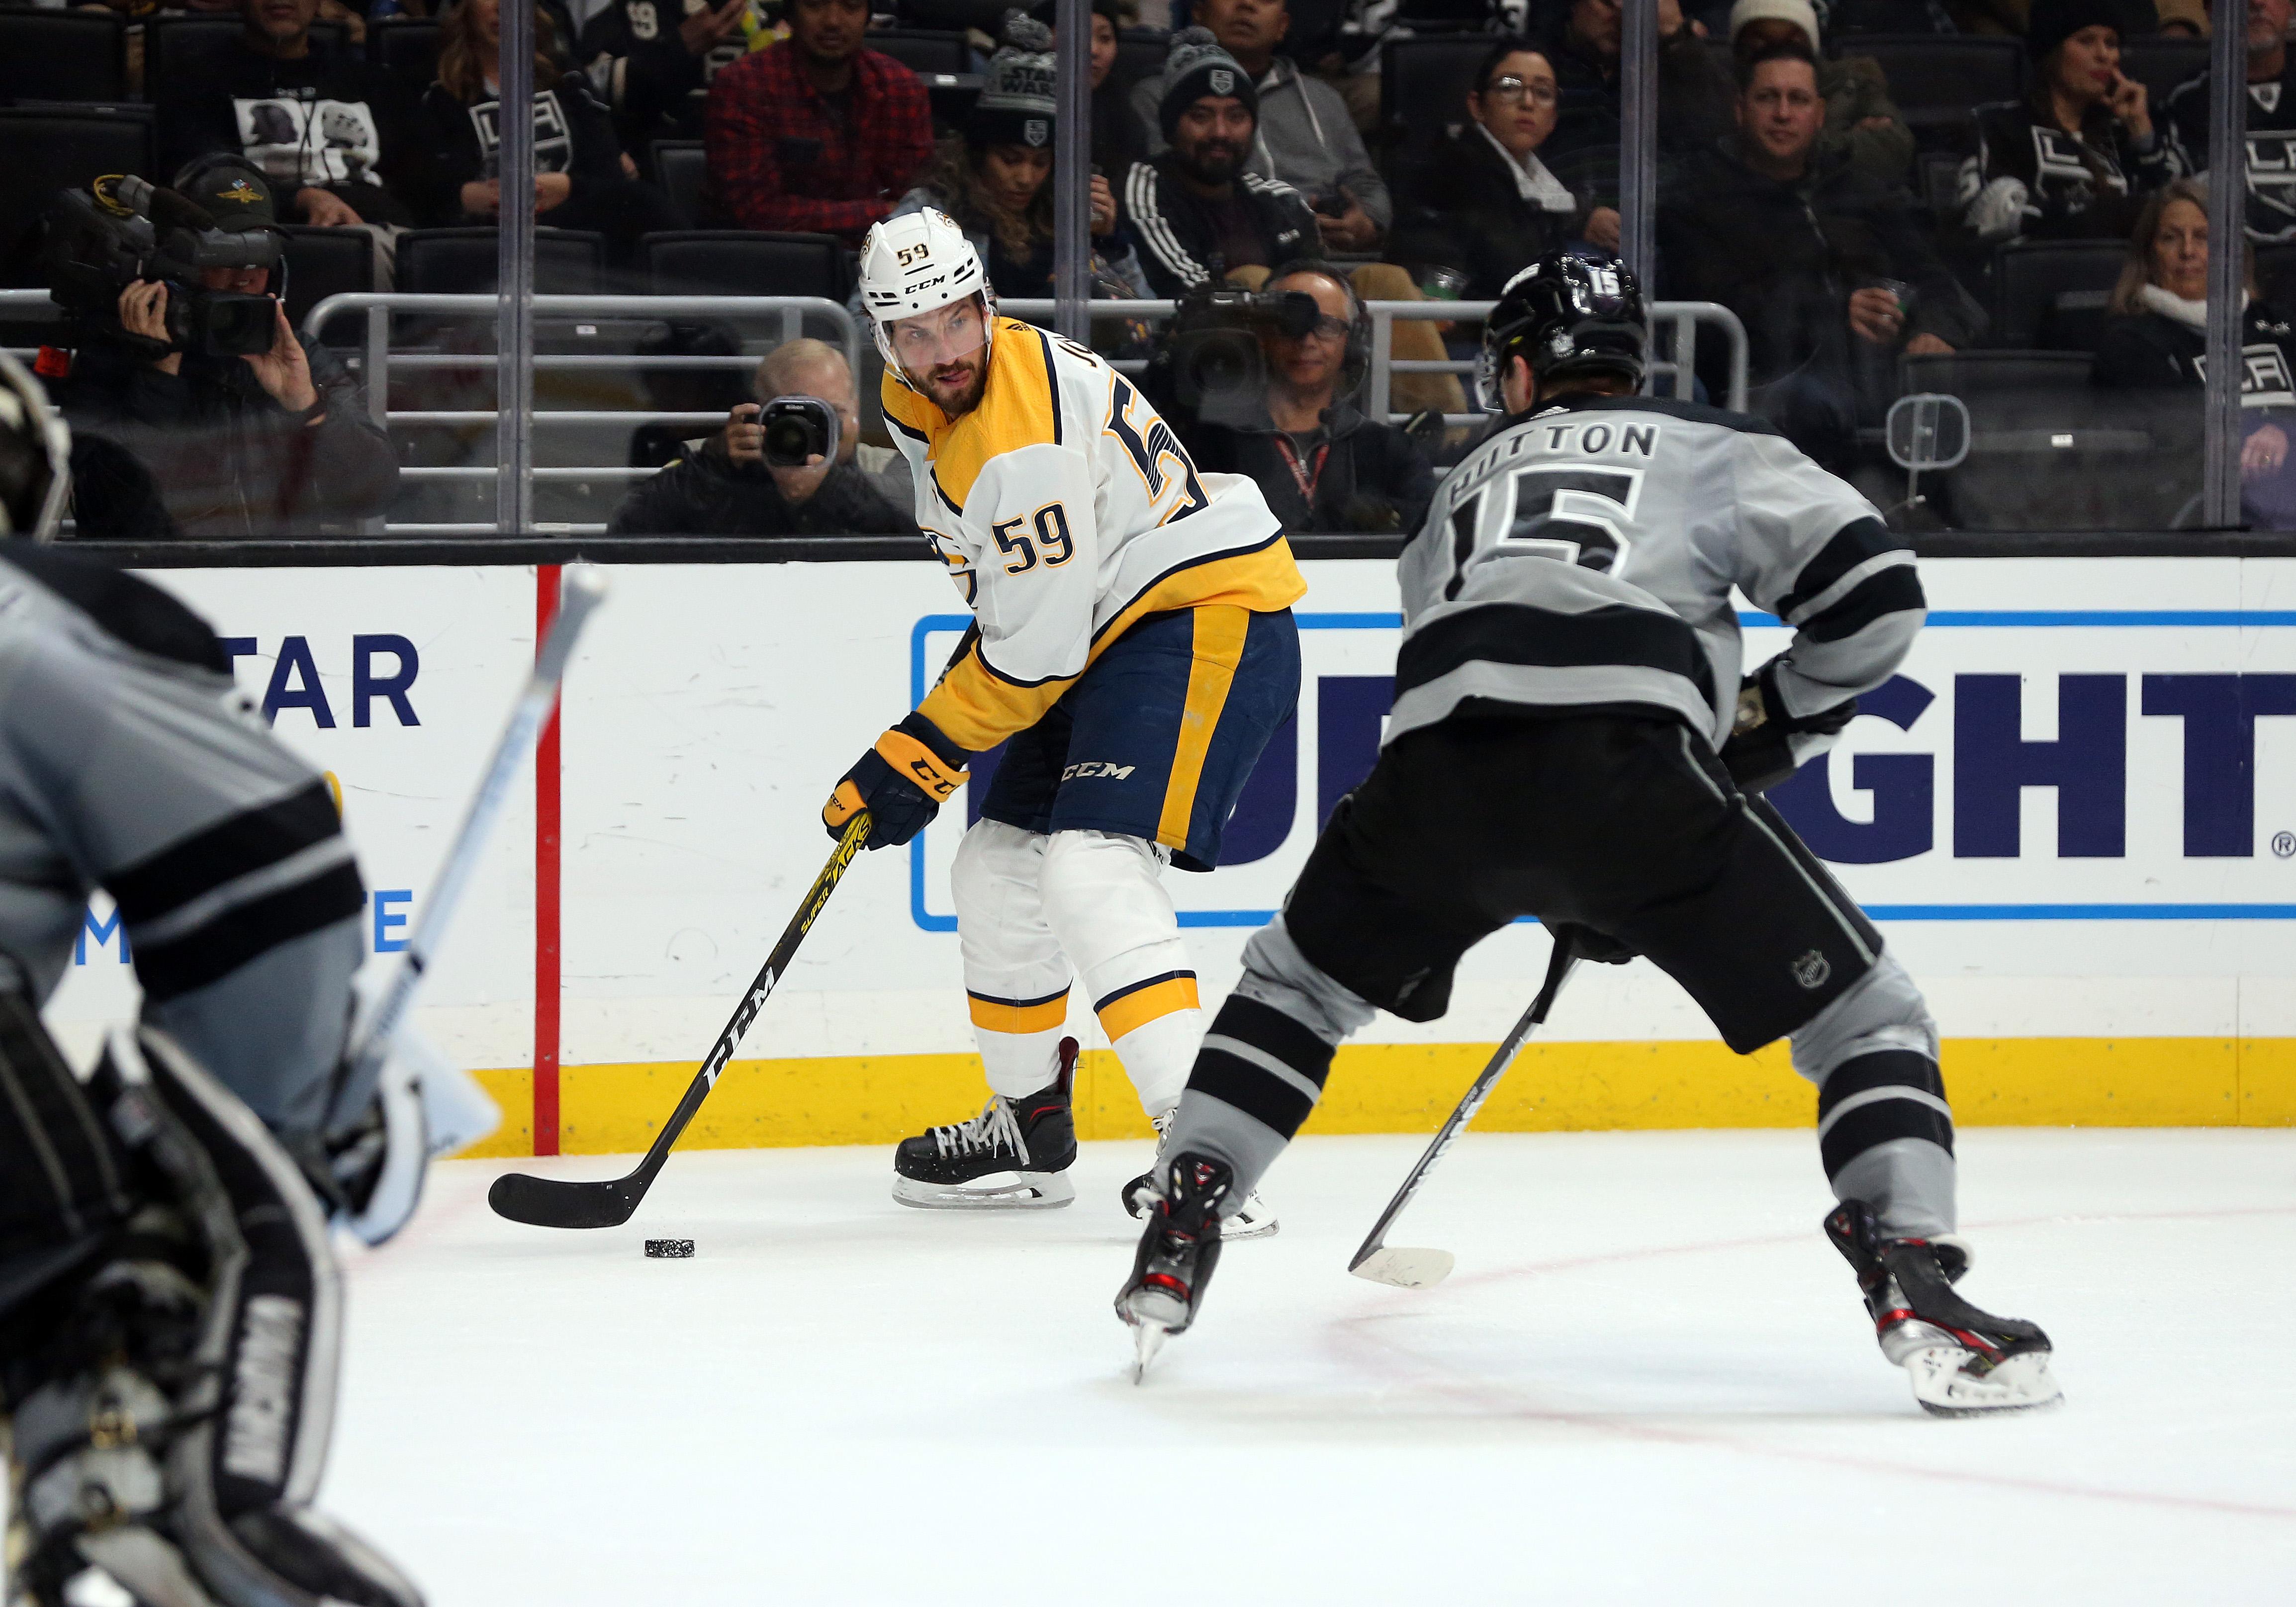 NHL: JAN 04 Predators at Kings